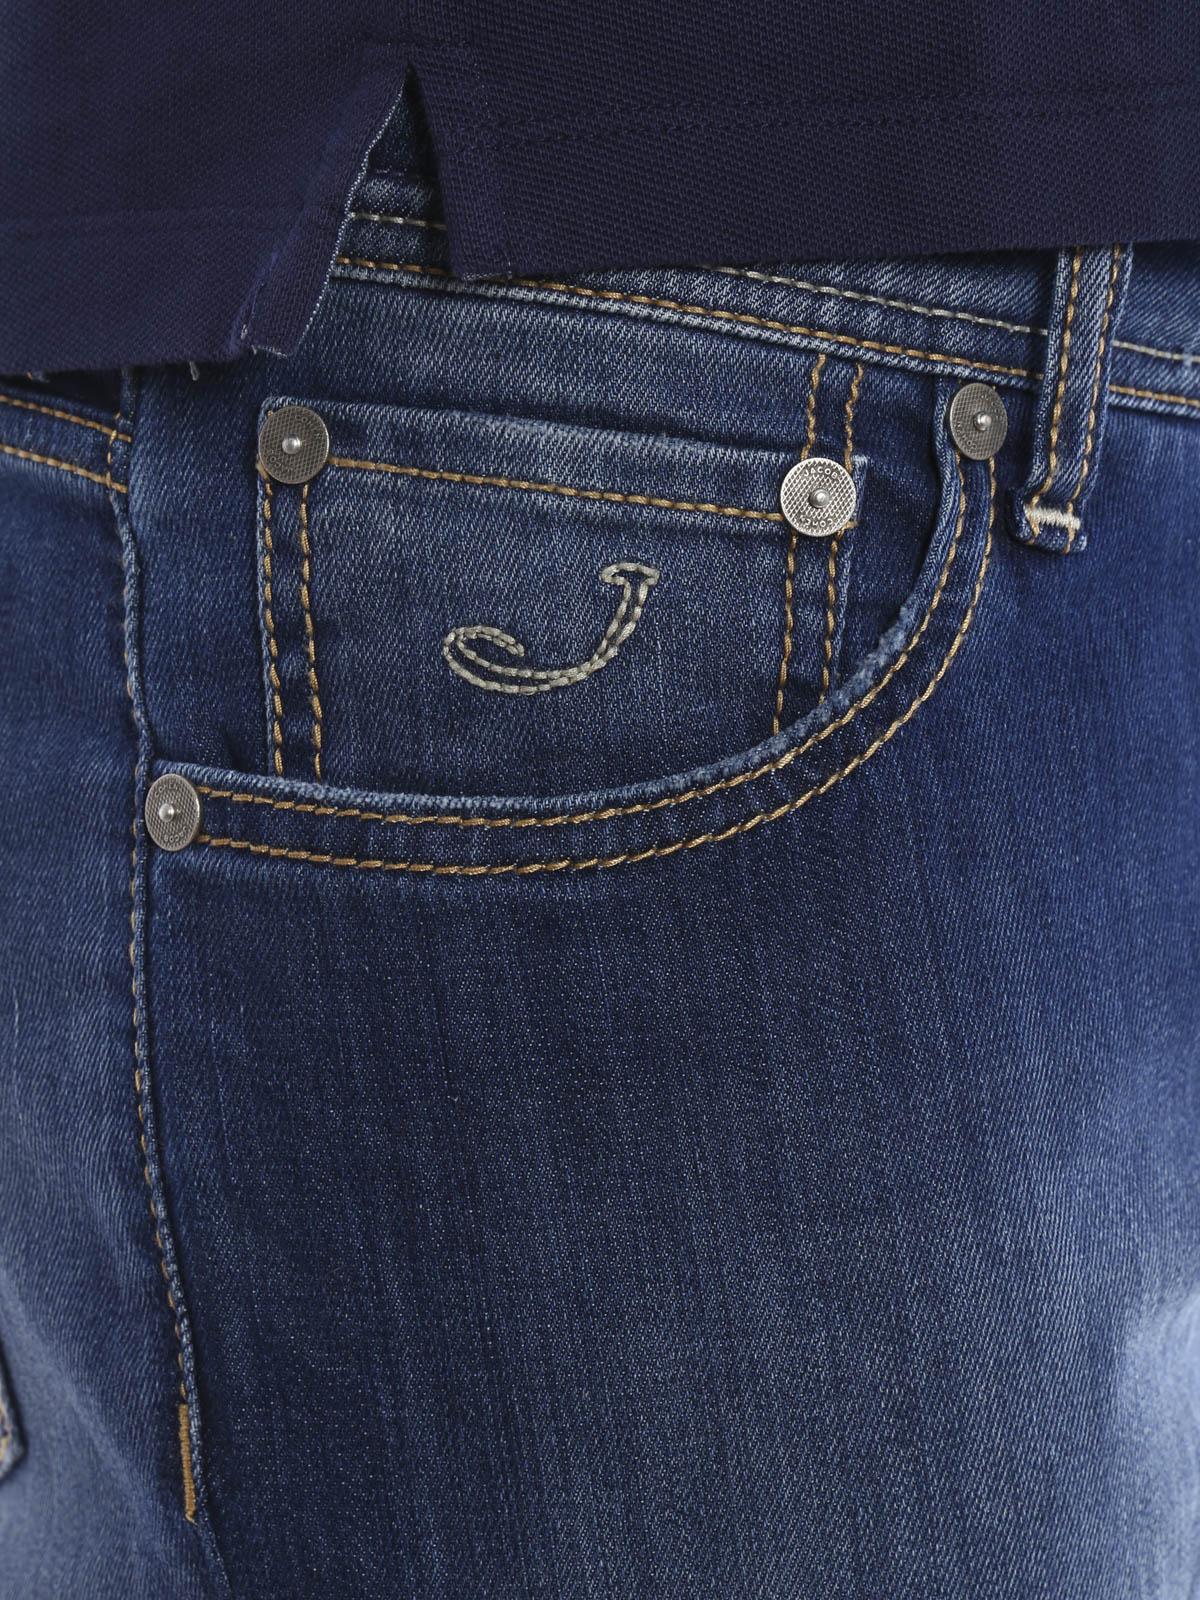 J622 qs comf jeans by jacob cohen straight leg jeans ikrix - Jacob cohen denim ...